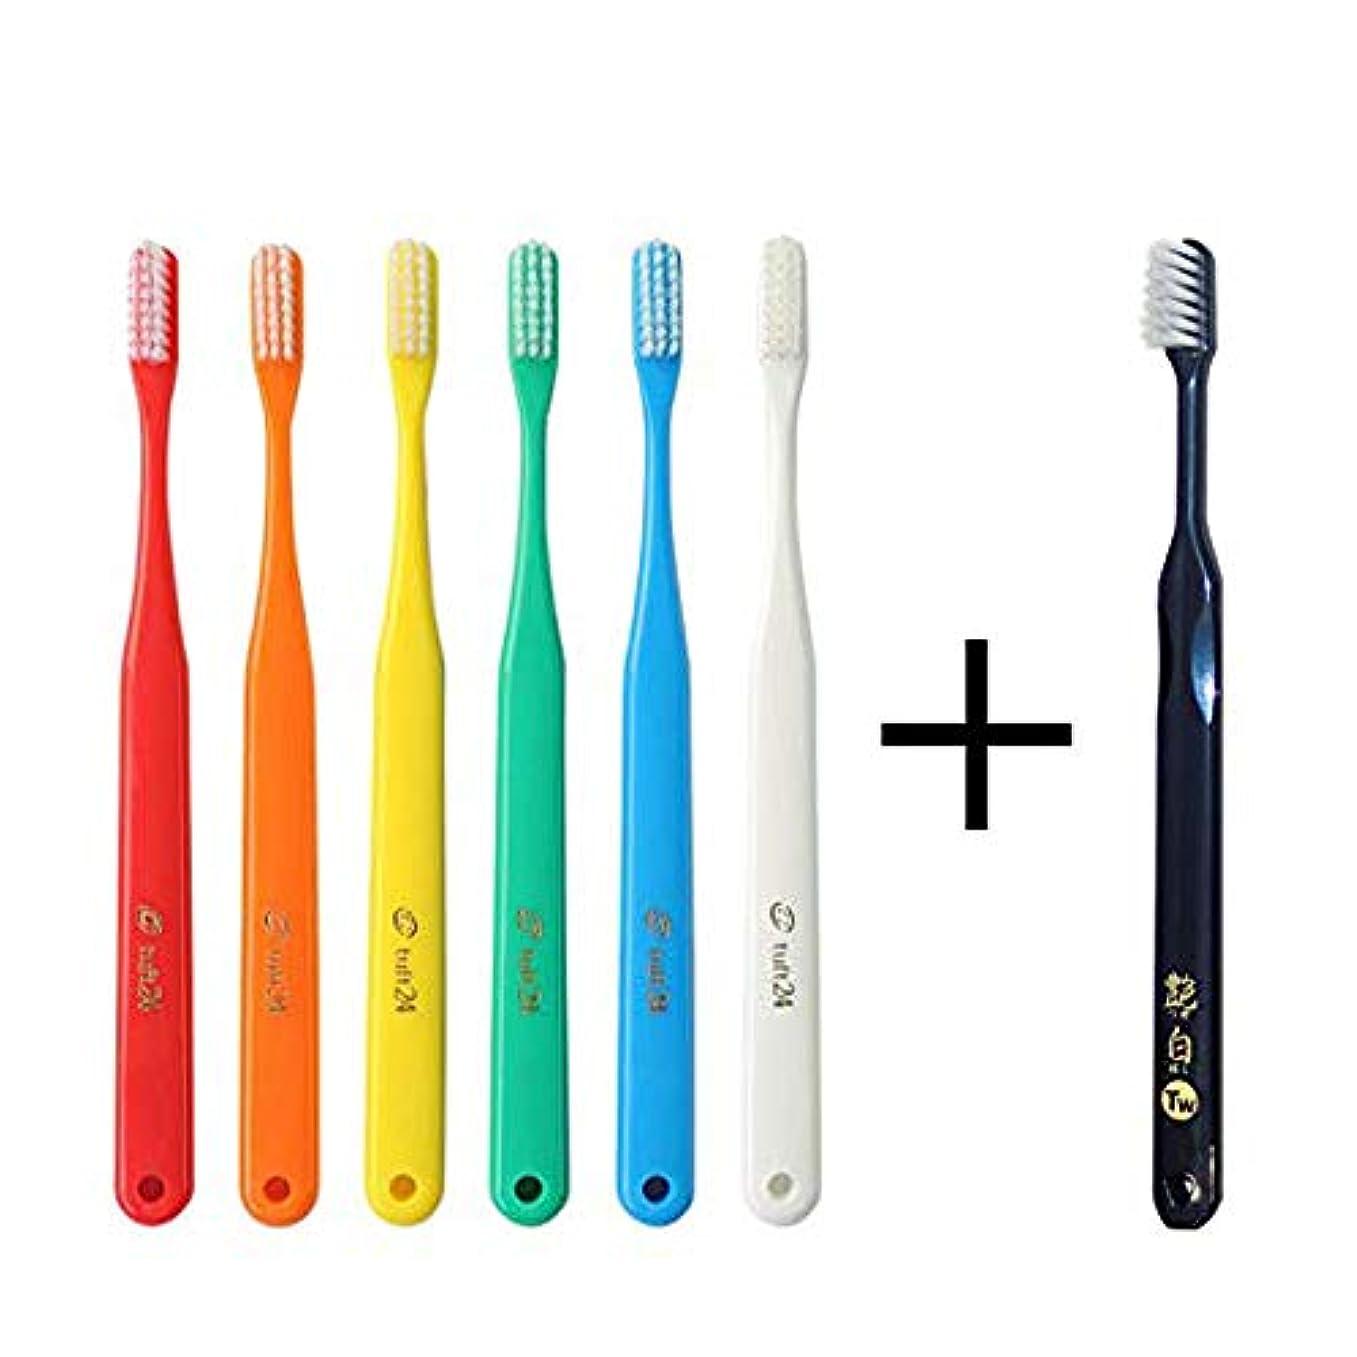 コンパニオン事実上ギャングタフト24 歯ブラシ× 10本 (M) キャップなし + 艶白ツイン 歯ブラシ (M ふつう) ×1本 むし歯予防 歯科専売